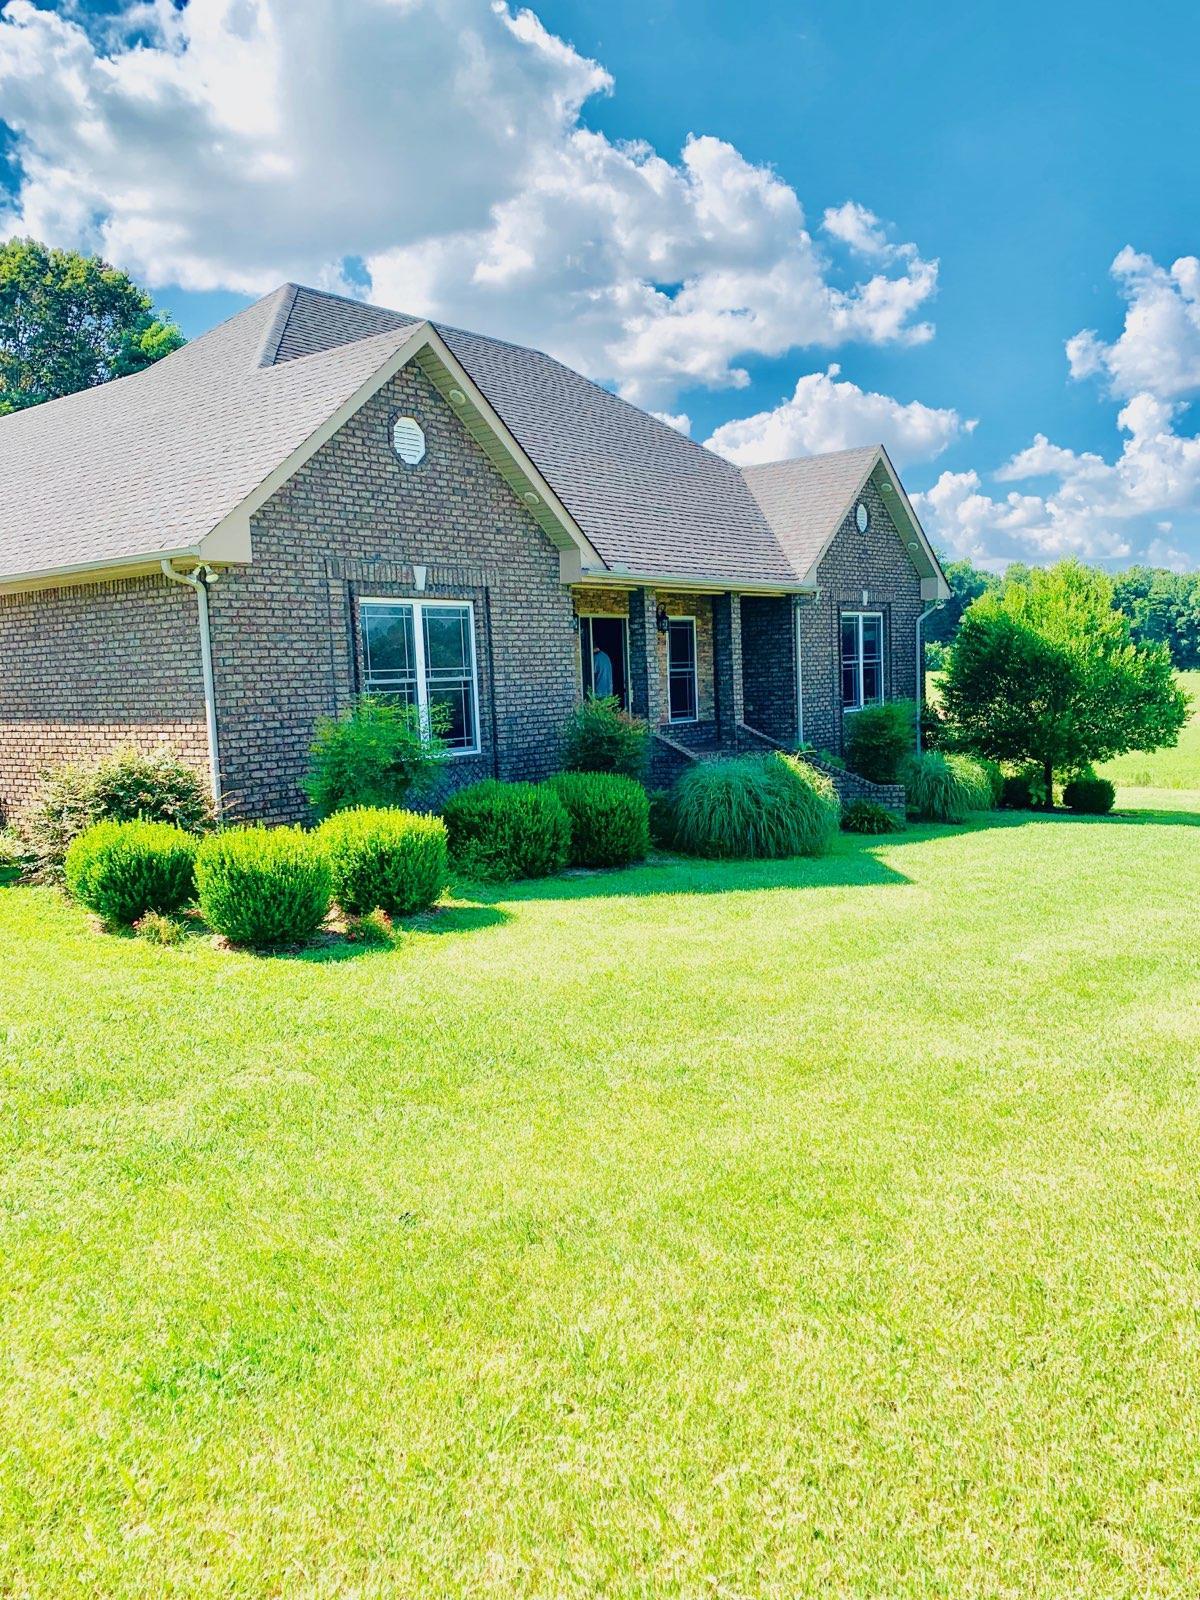 6512 Buzzard Creek Rd, Cedar Hill, TN 37032 - Cedar Hill, TN real estate listing